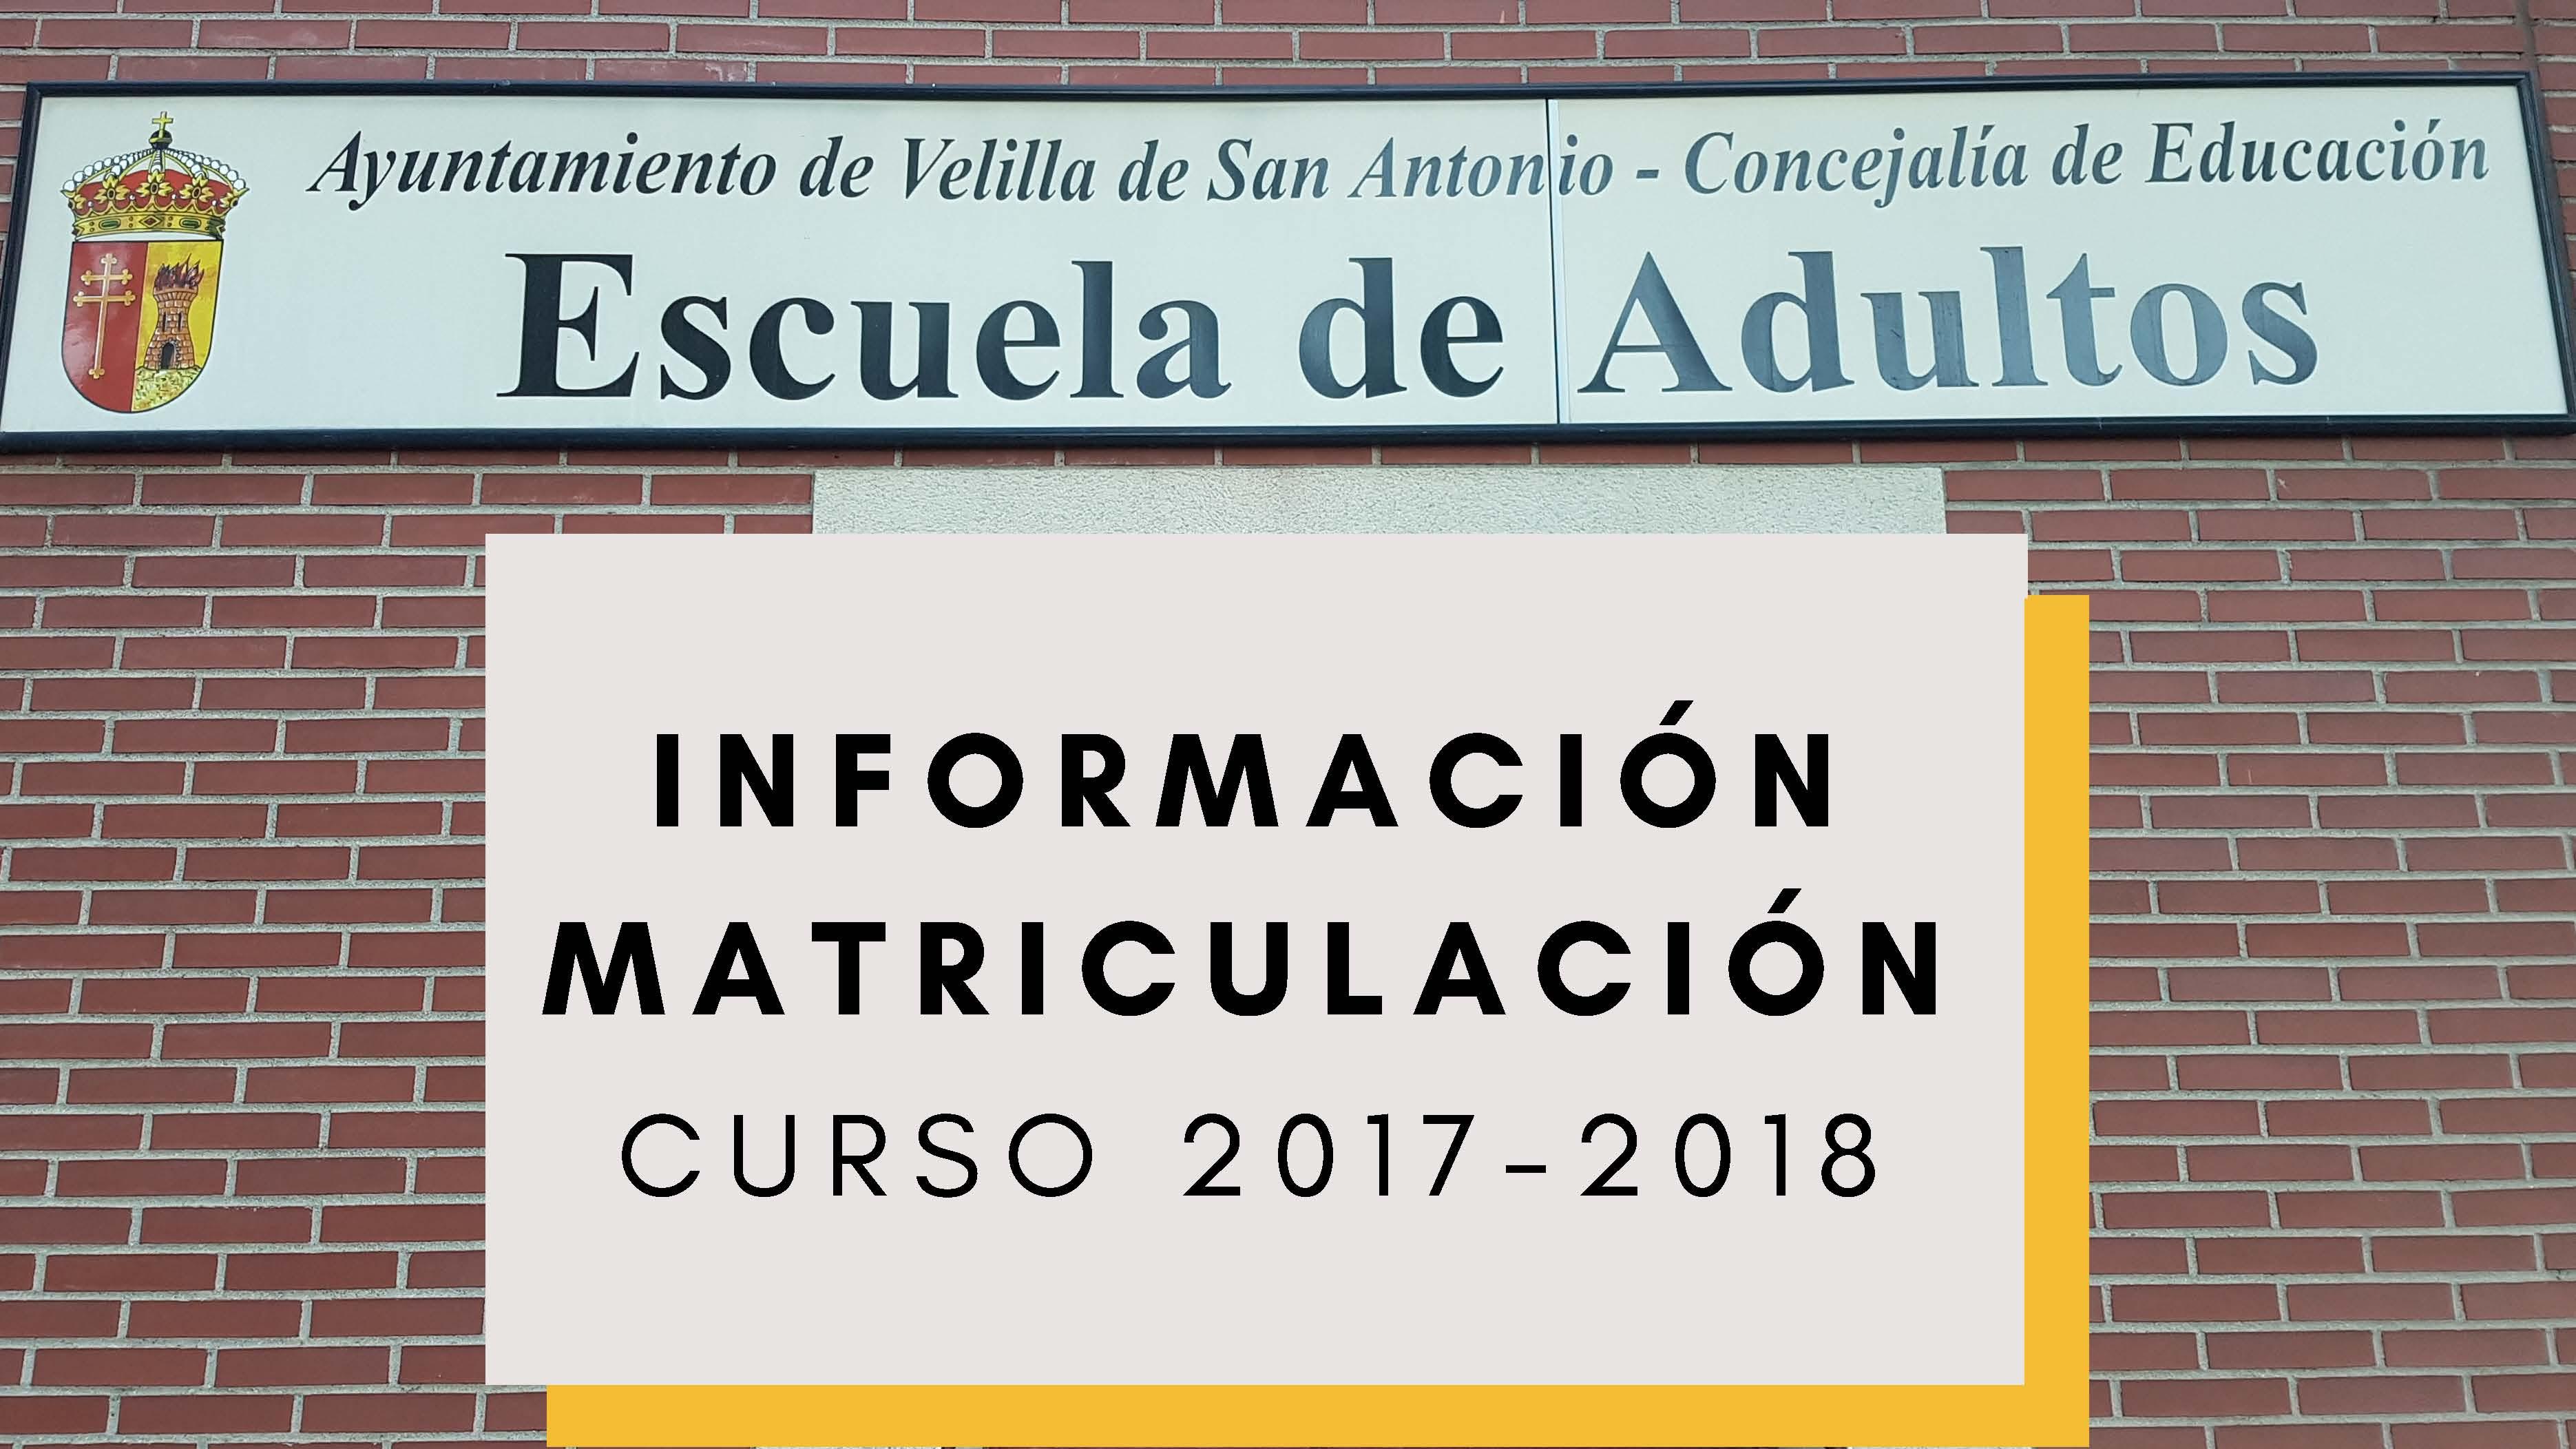 Enseñanzas para adultos en Velilla. Matriculación curso 2017-2018